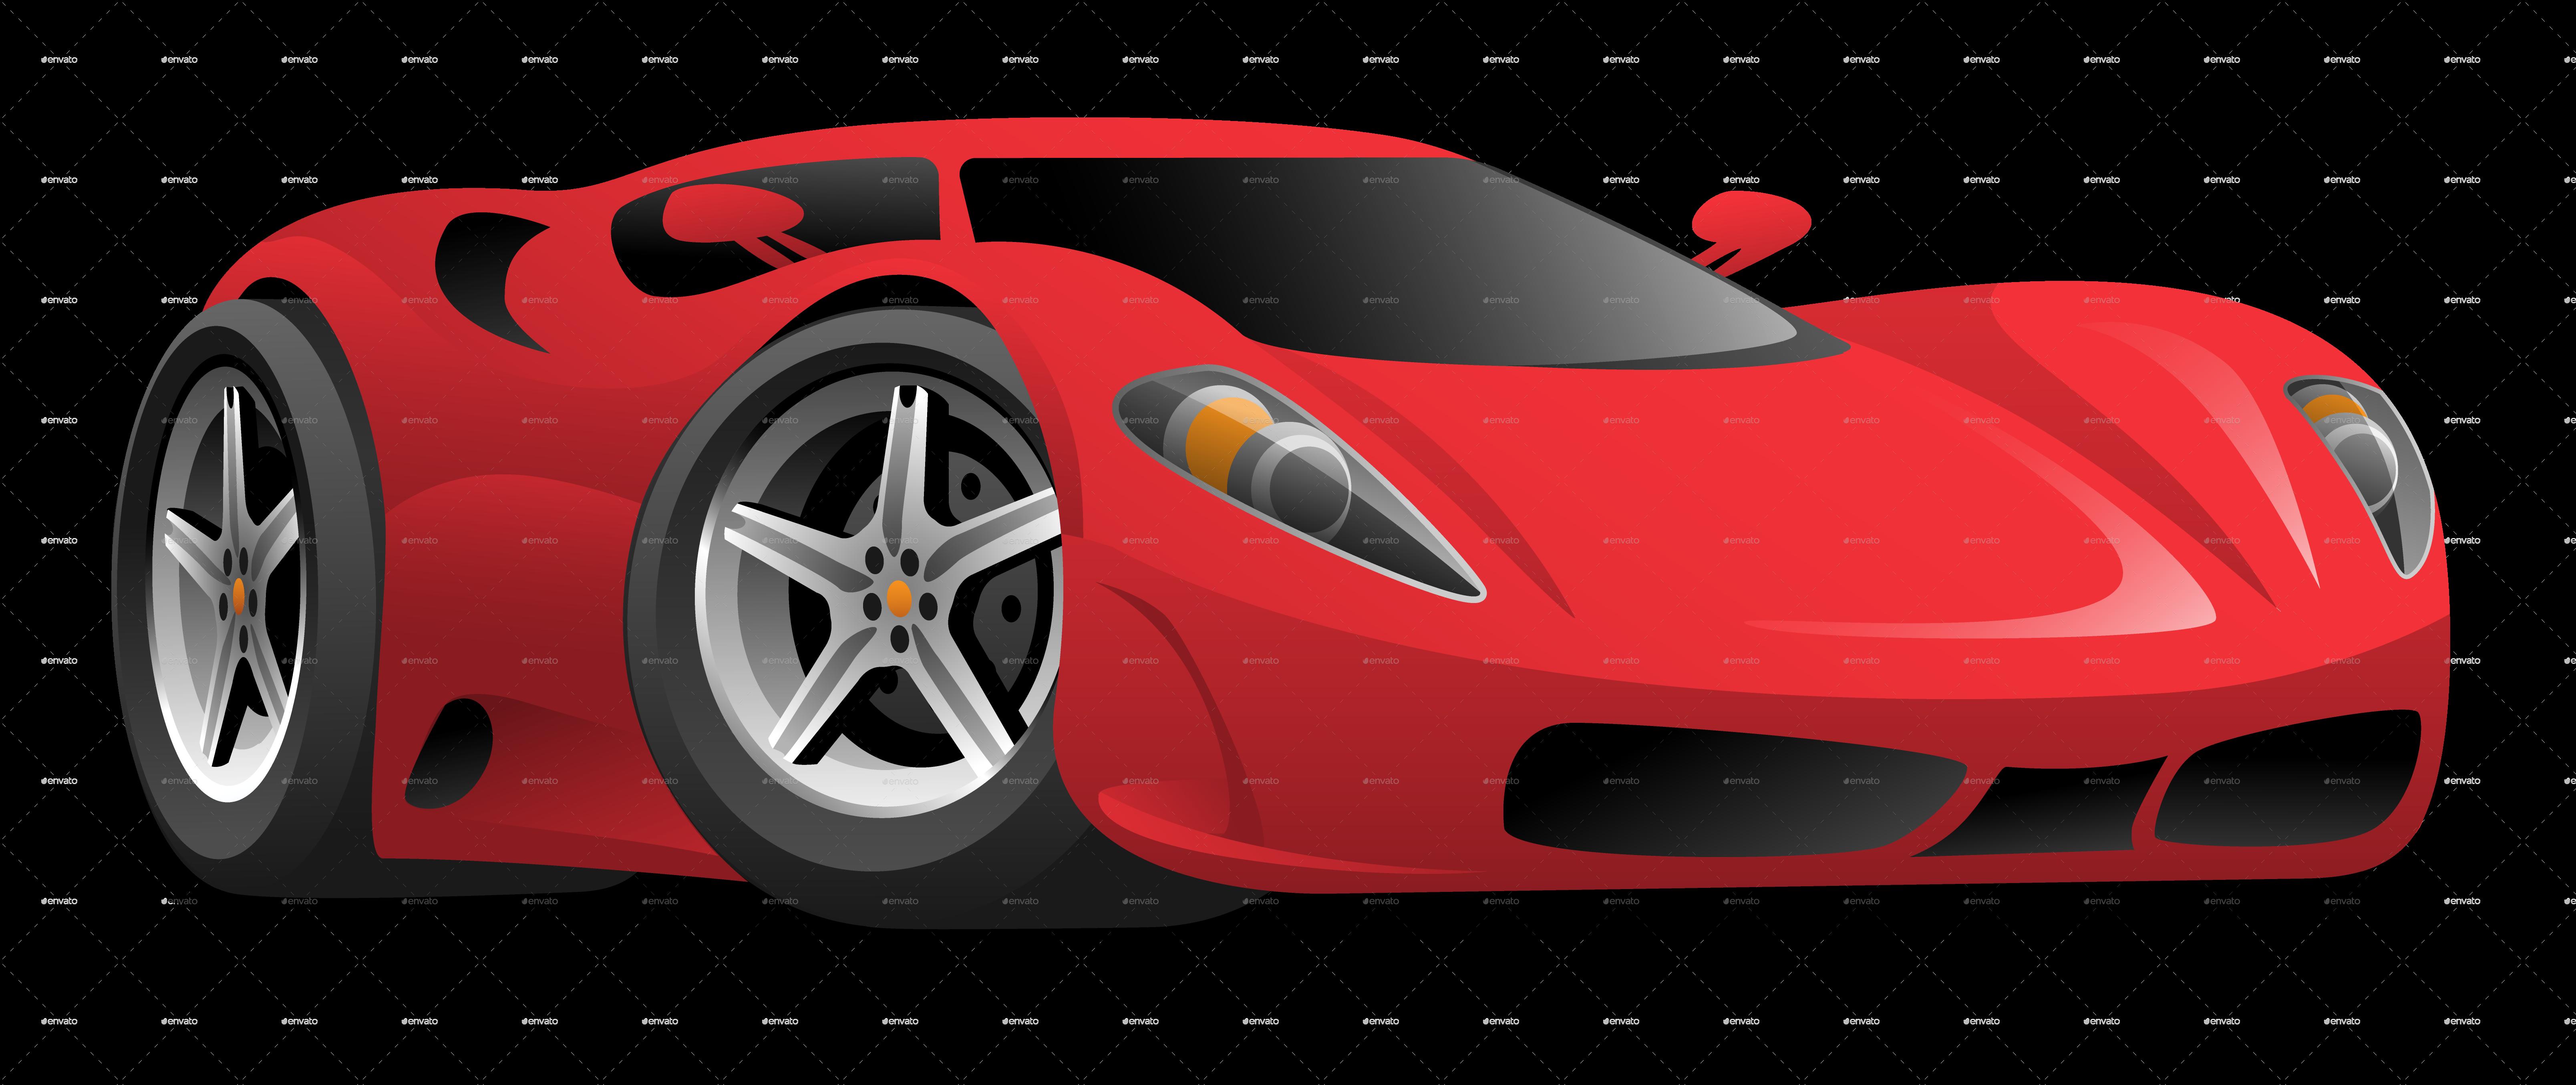 Red Hot European Style Sports Car Cartoon Car Cartoon Sports Car Car